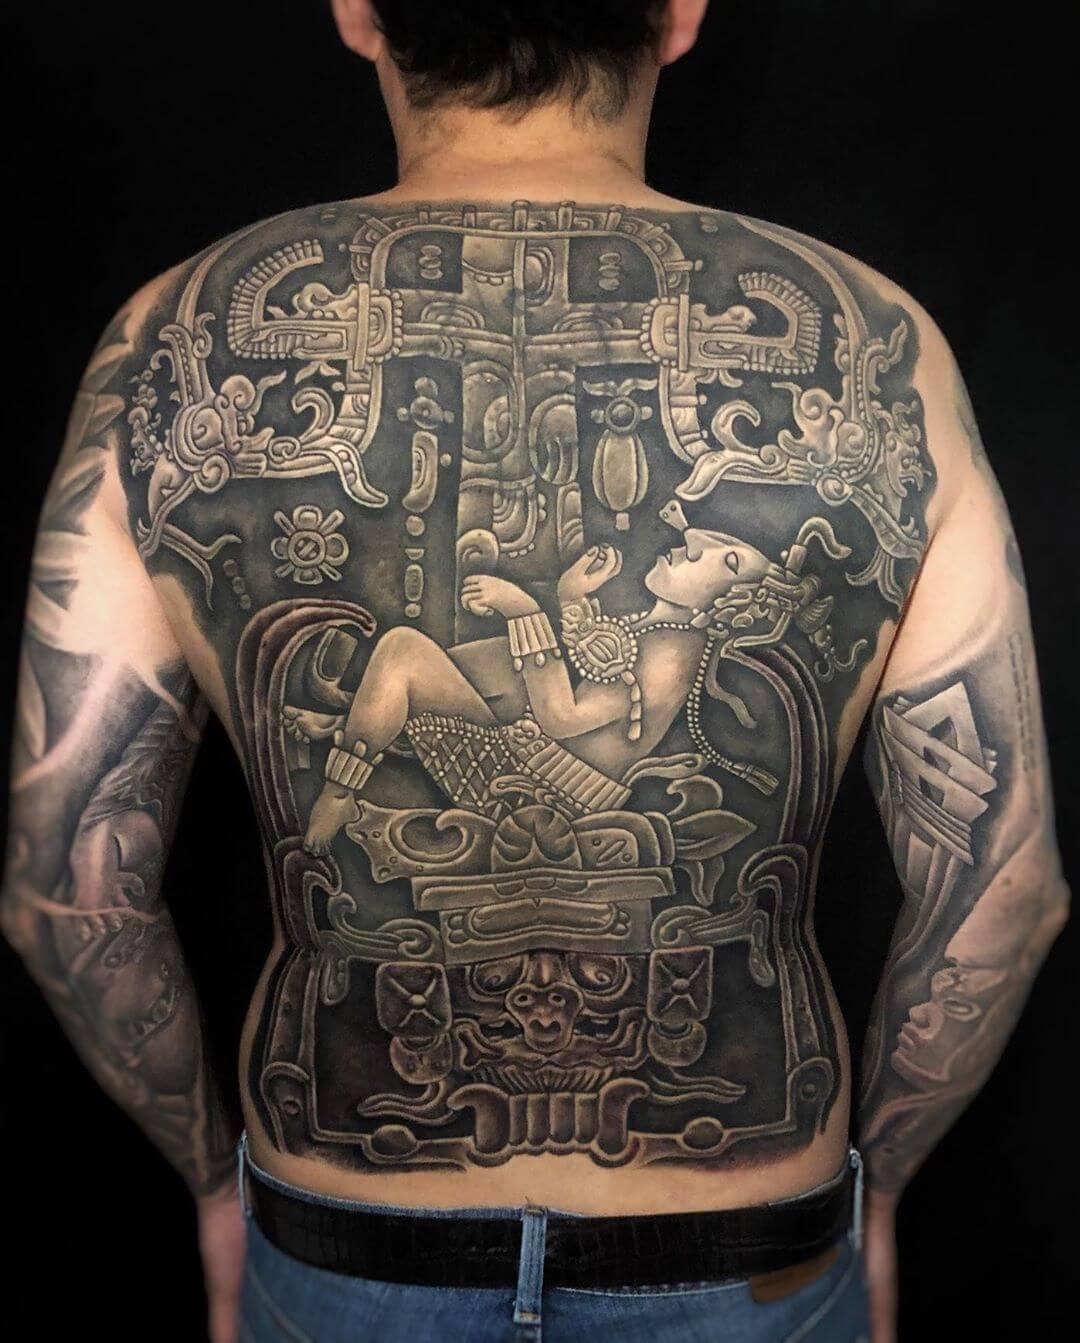 Tatuadores mexicanos a seguir en 2019